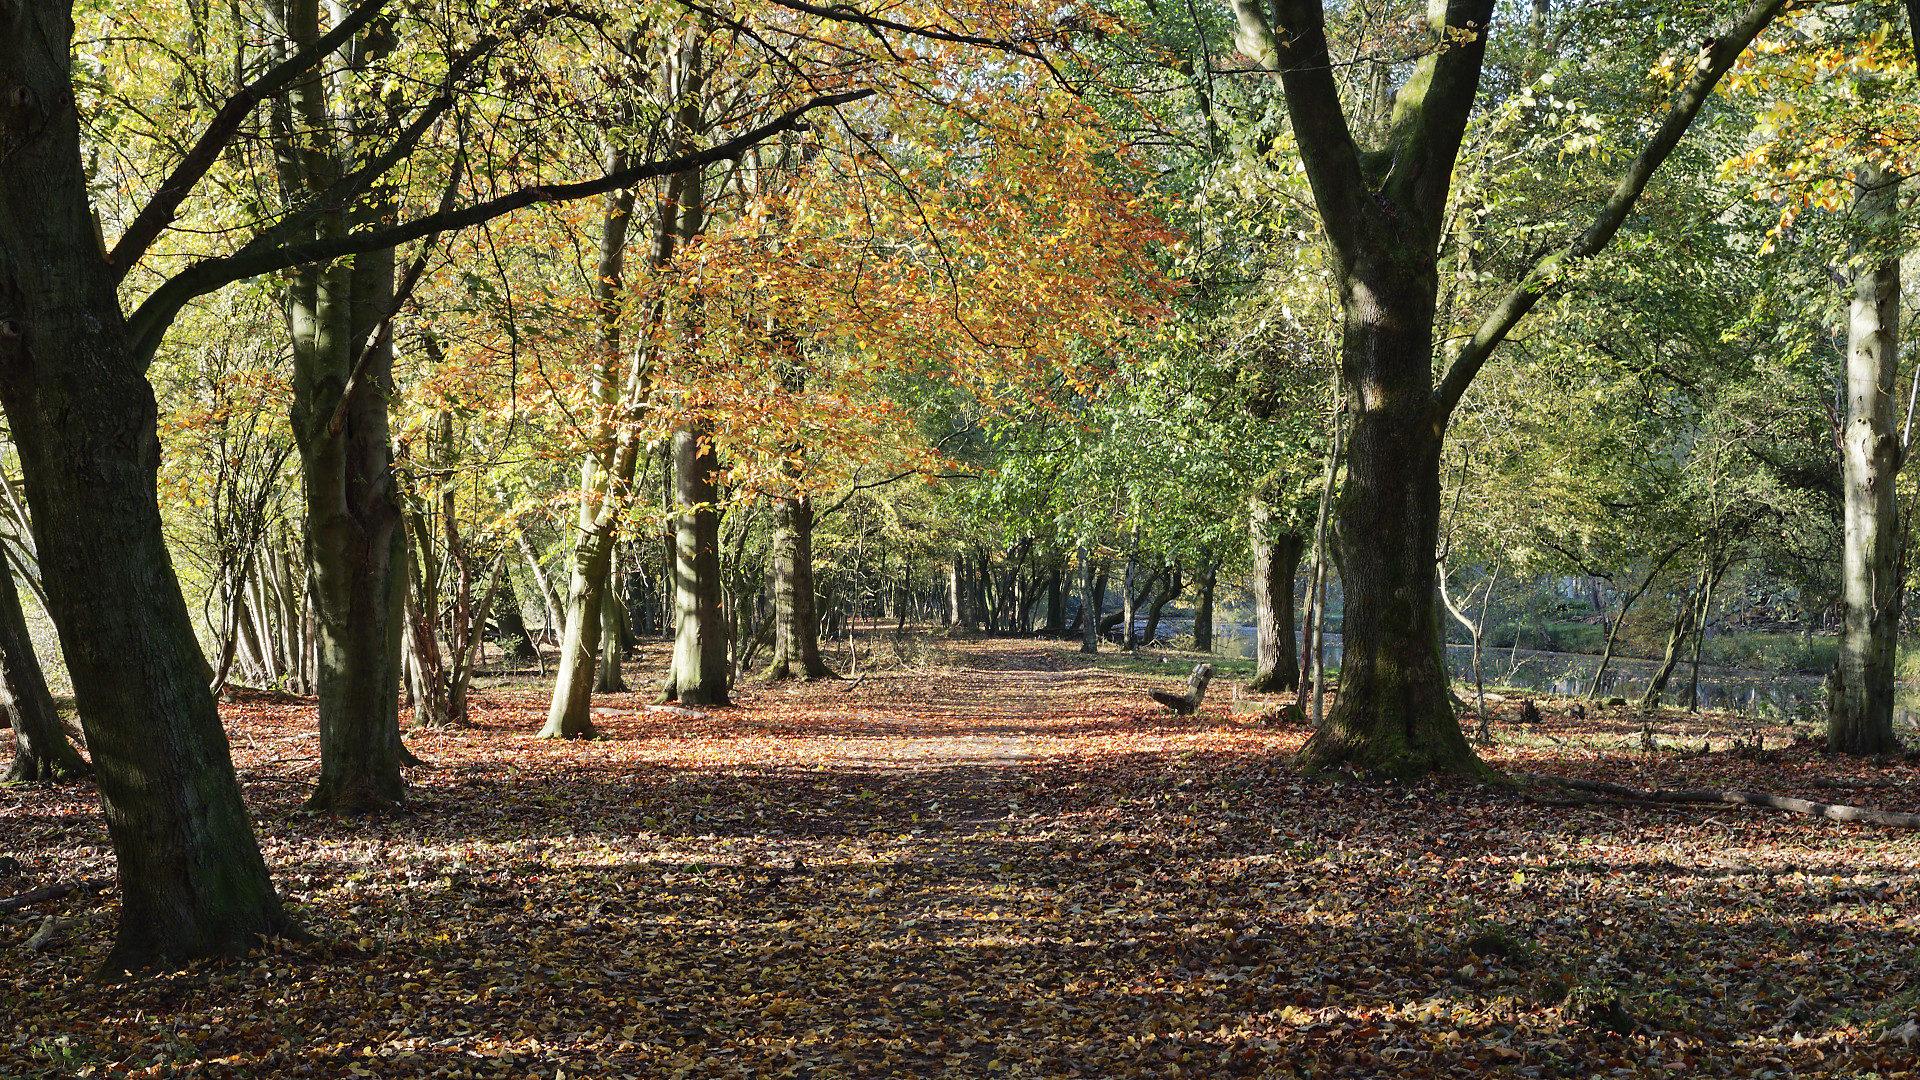 herfstbladeren, zon, bankje, brede boslaan